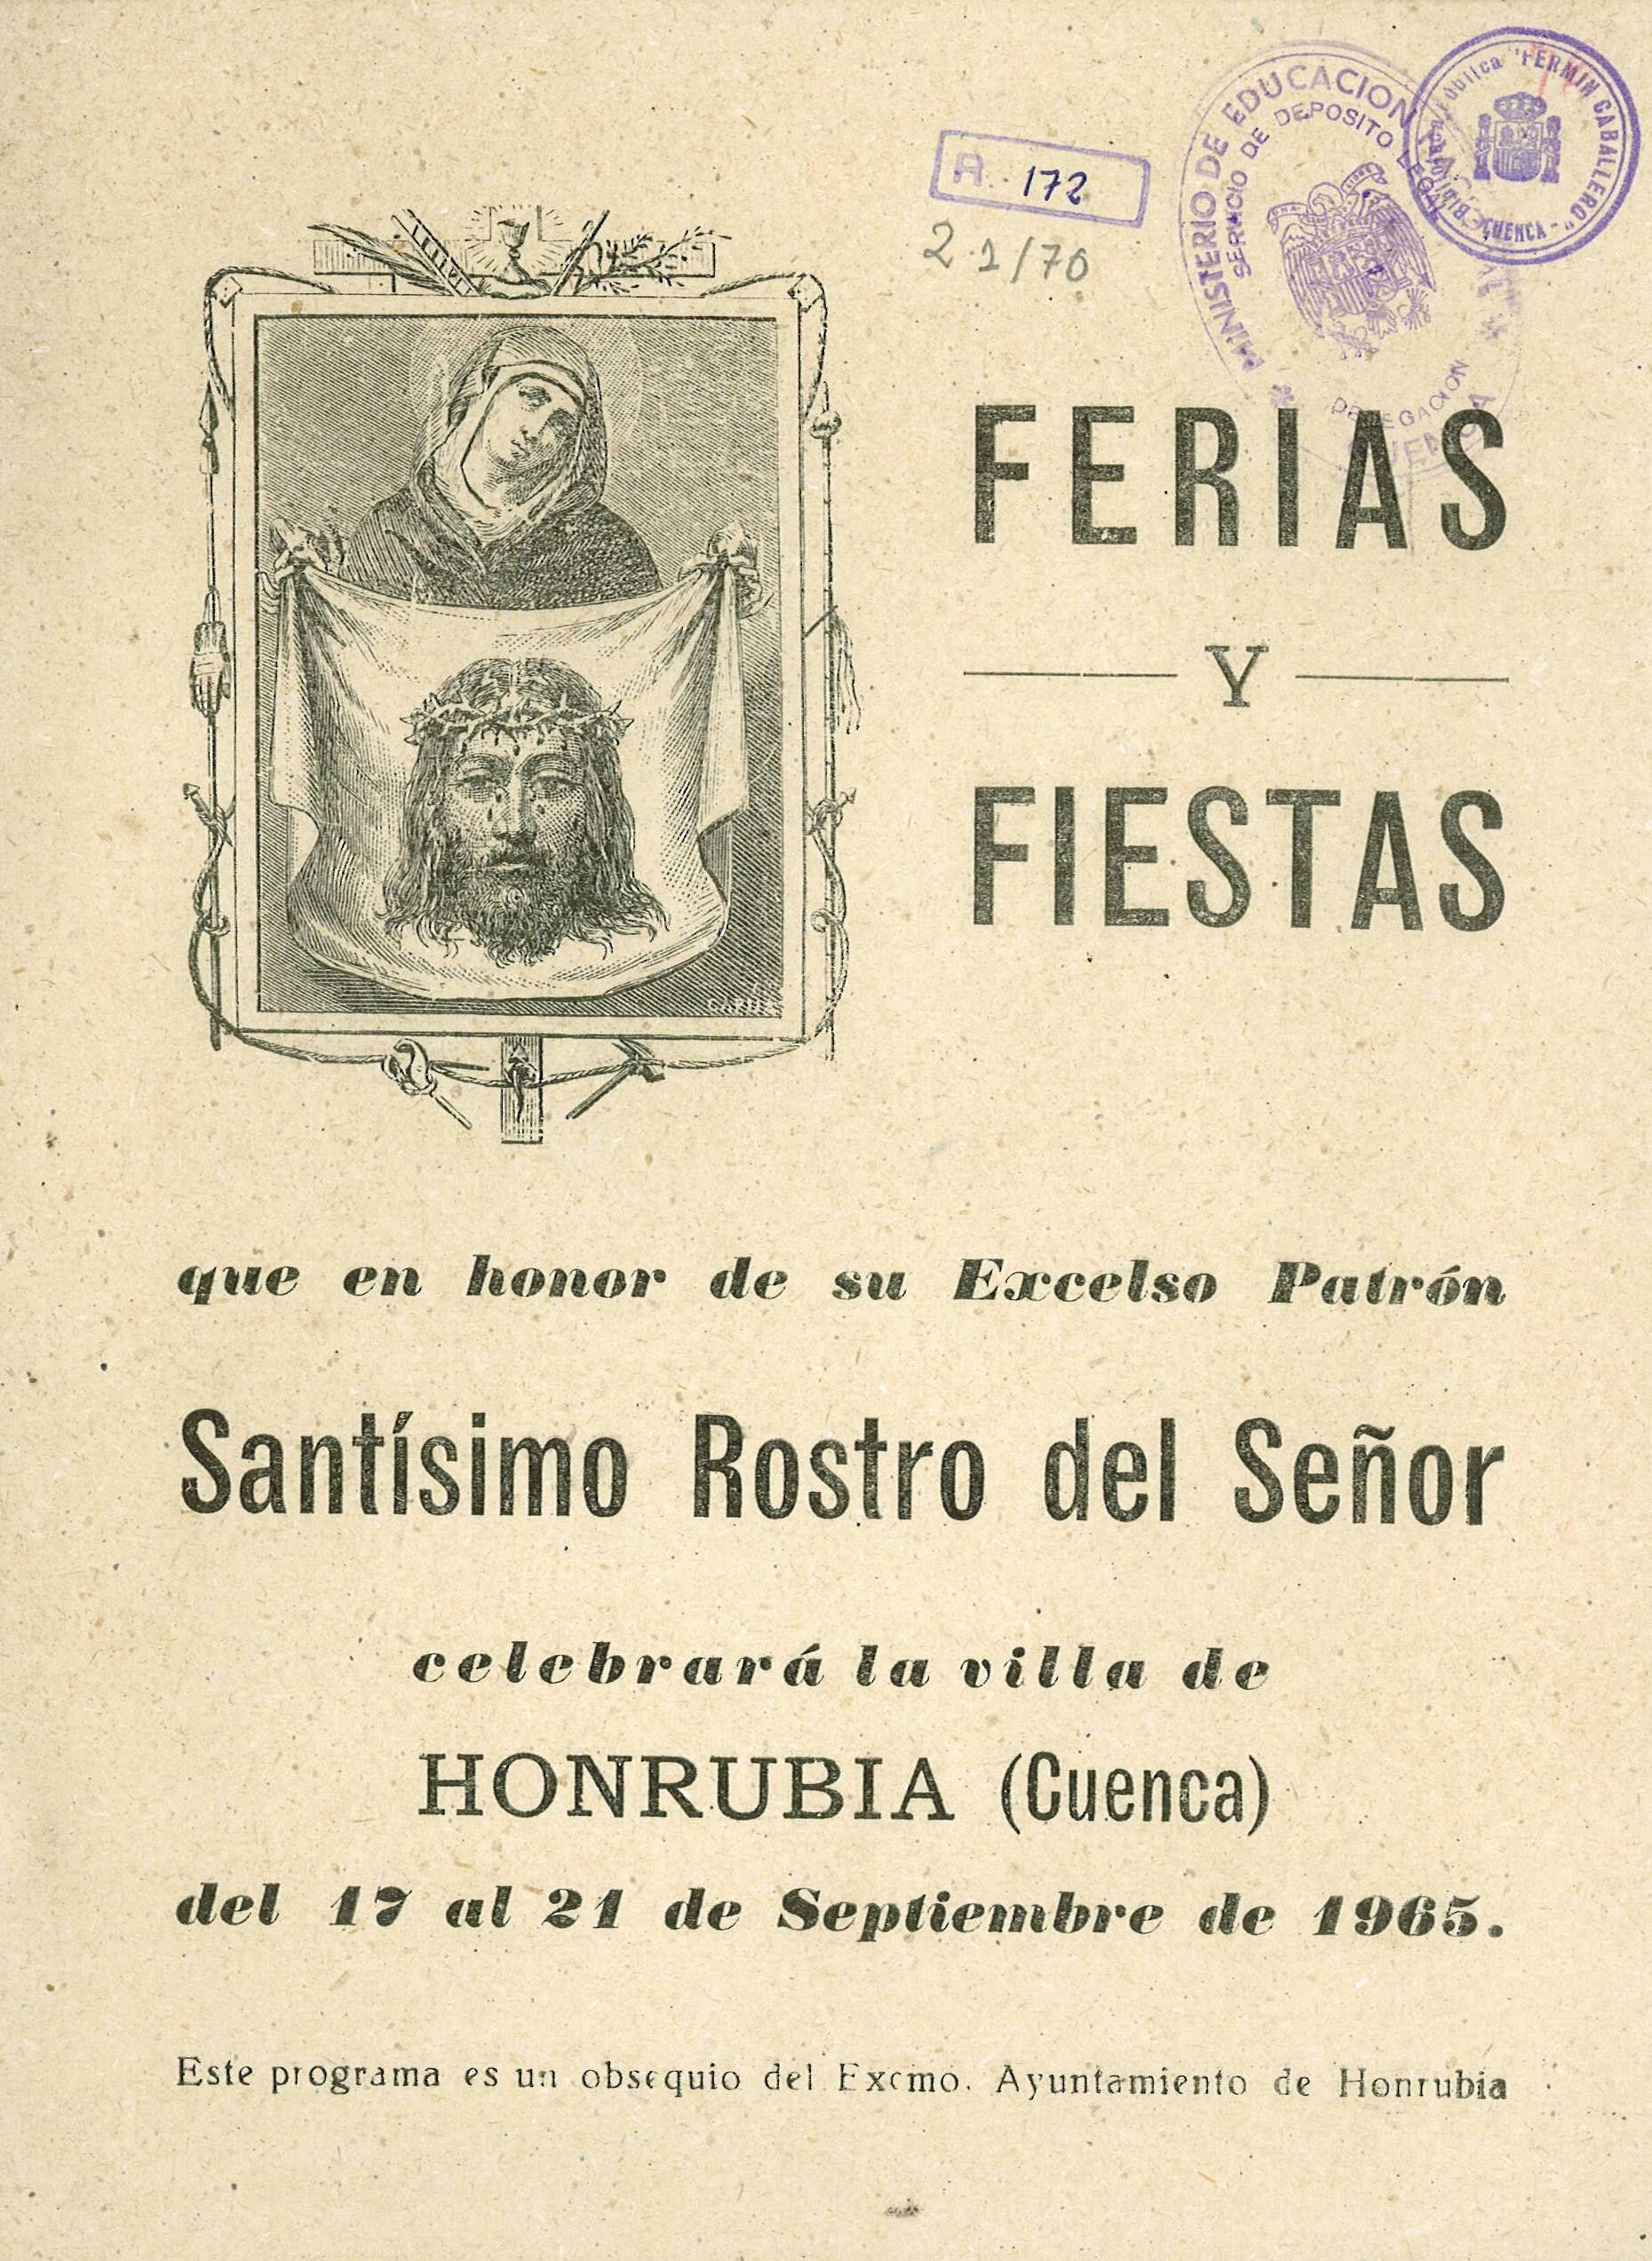 Fiestas en Honrubia (Cuenca) del 17 al 21 de septiembre de 1965 Procesión con la imagen del Santo Rostro desde su Ermita #Fiestaspopulares #Honrubia #Cuenca